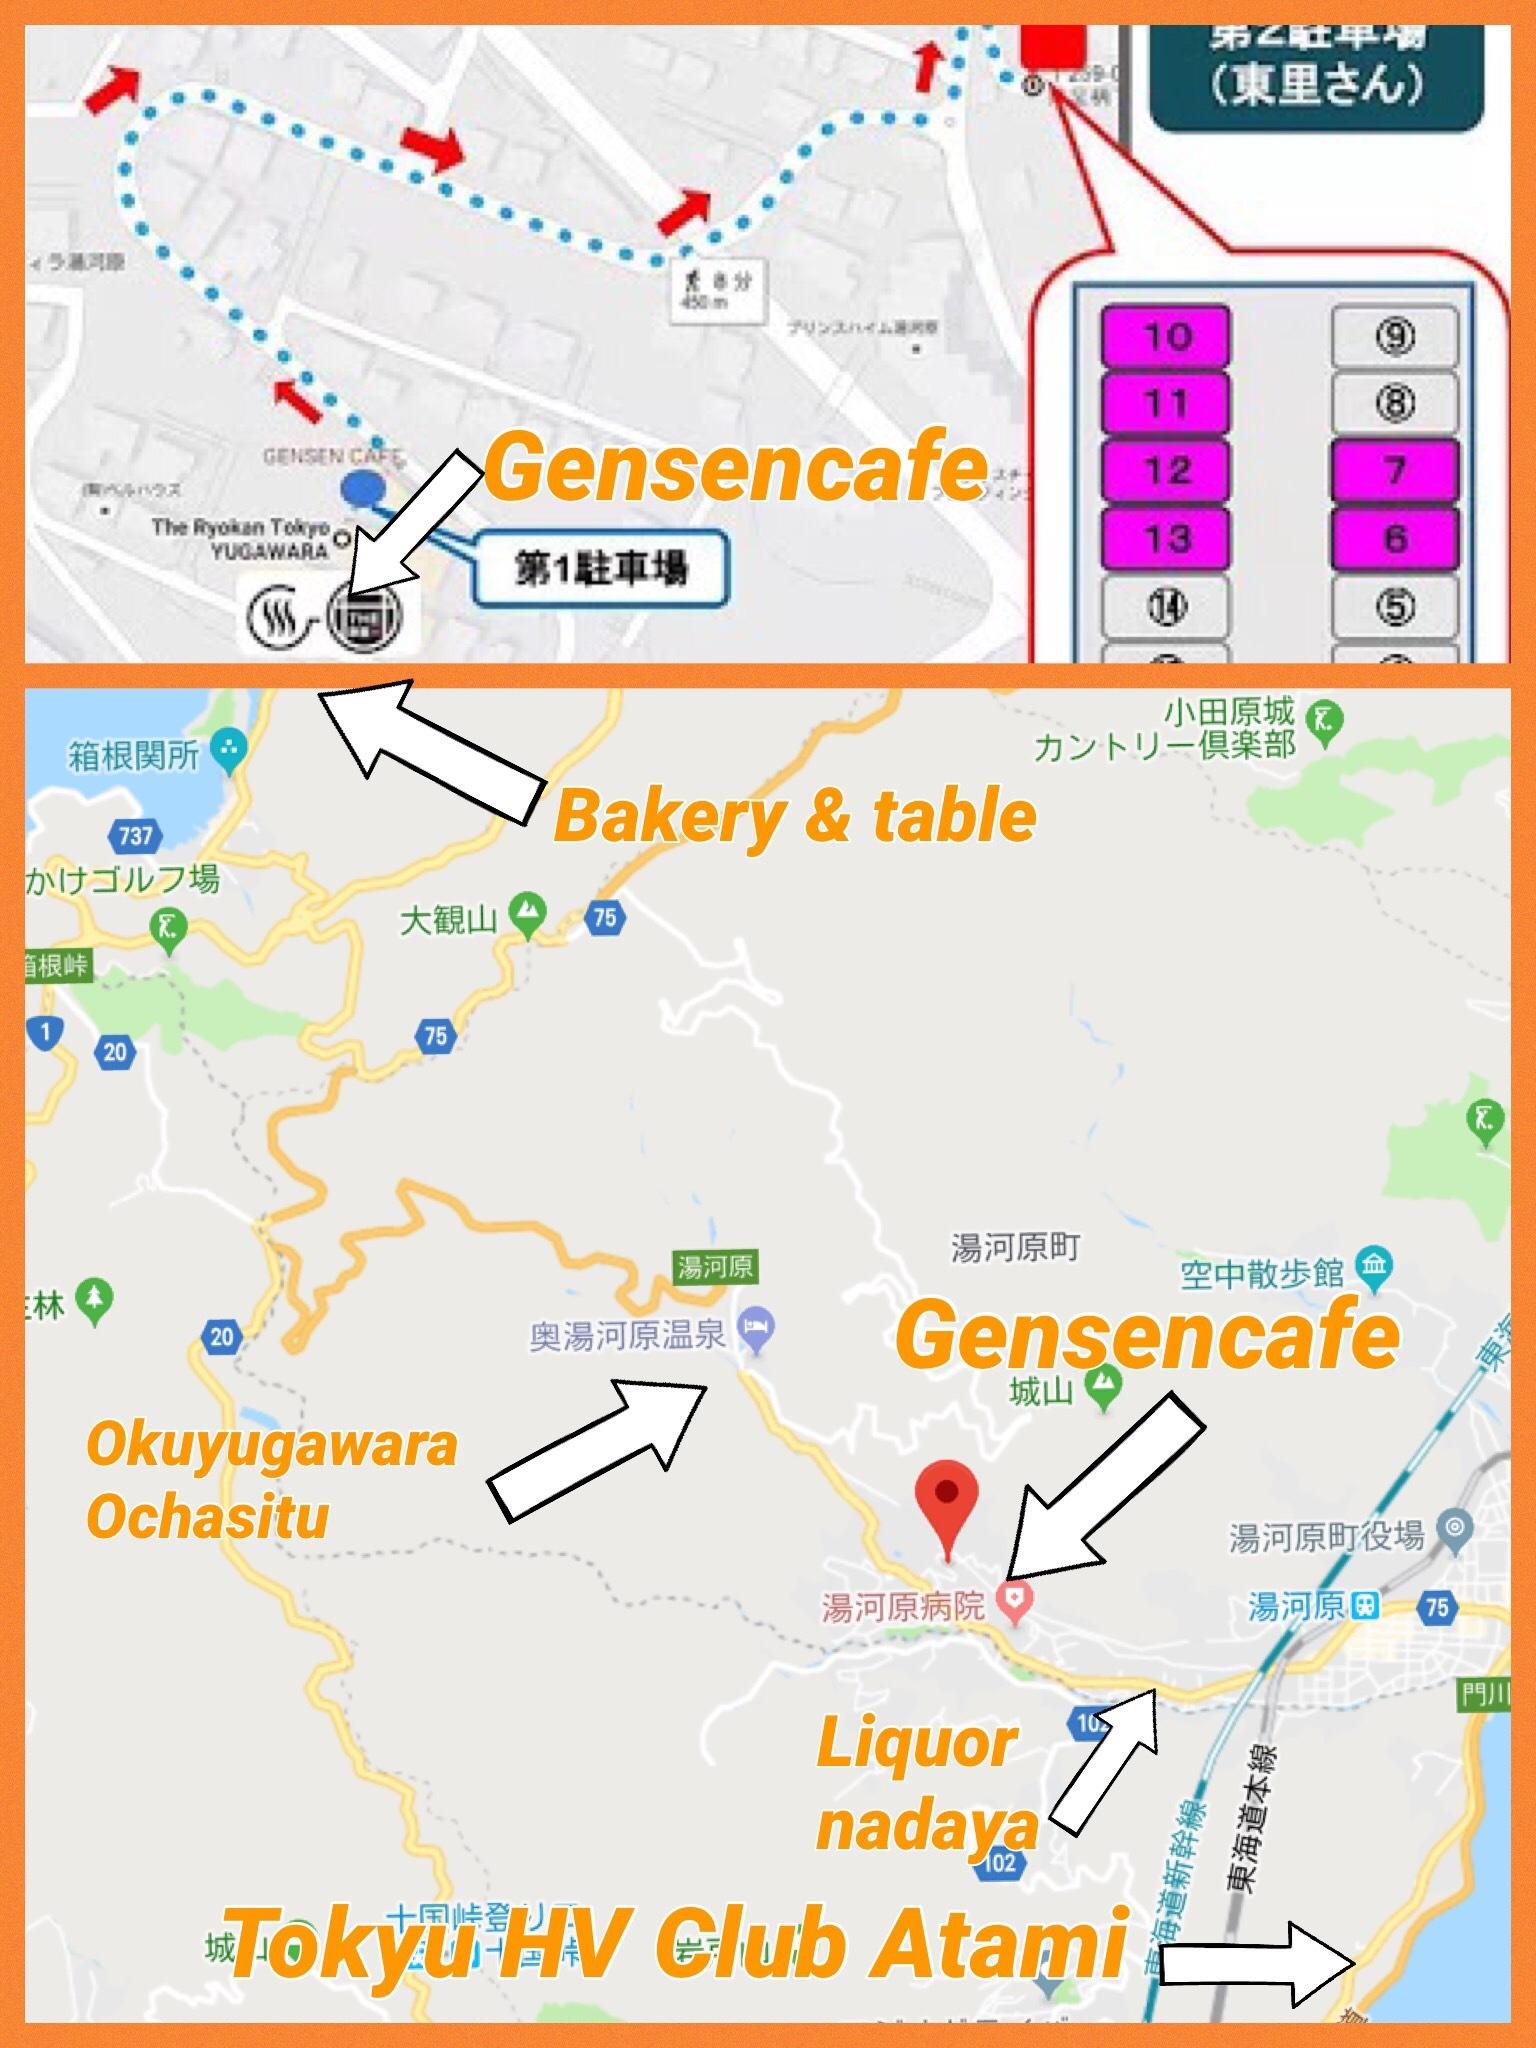 湯河原ドライブ地図 gensencafe map ゲンセンカフェ